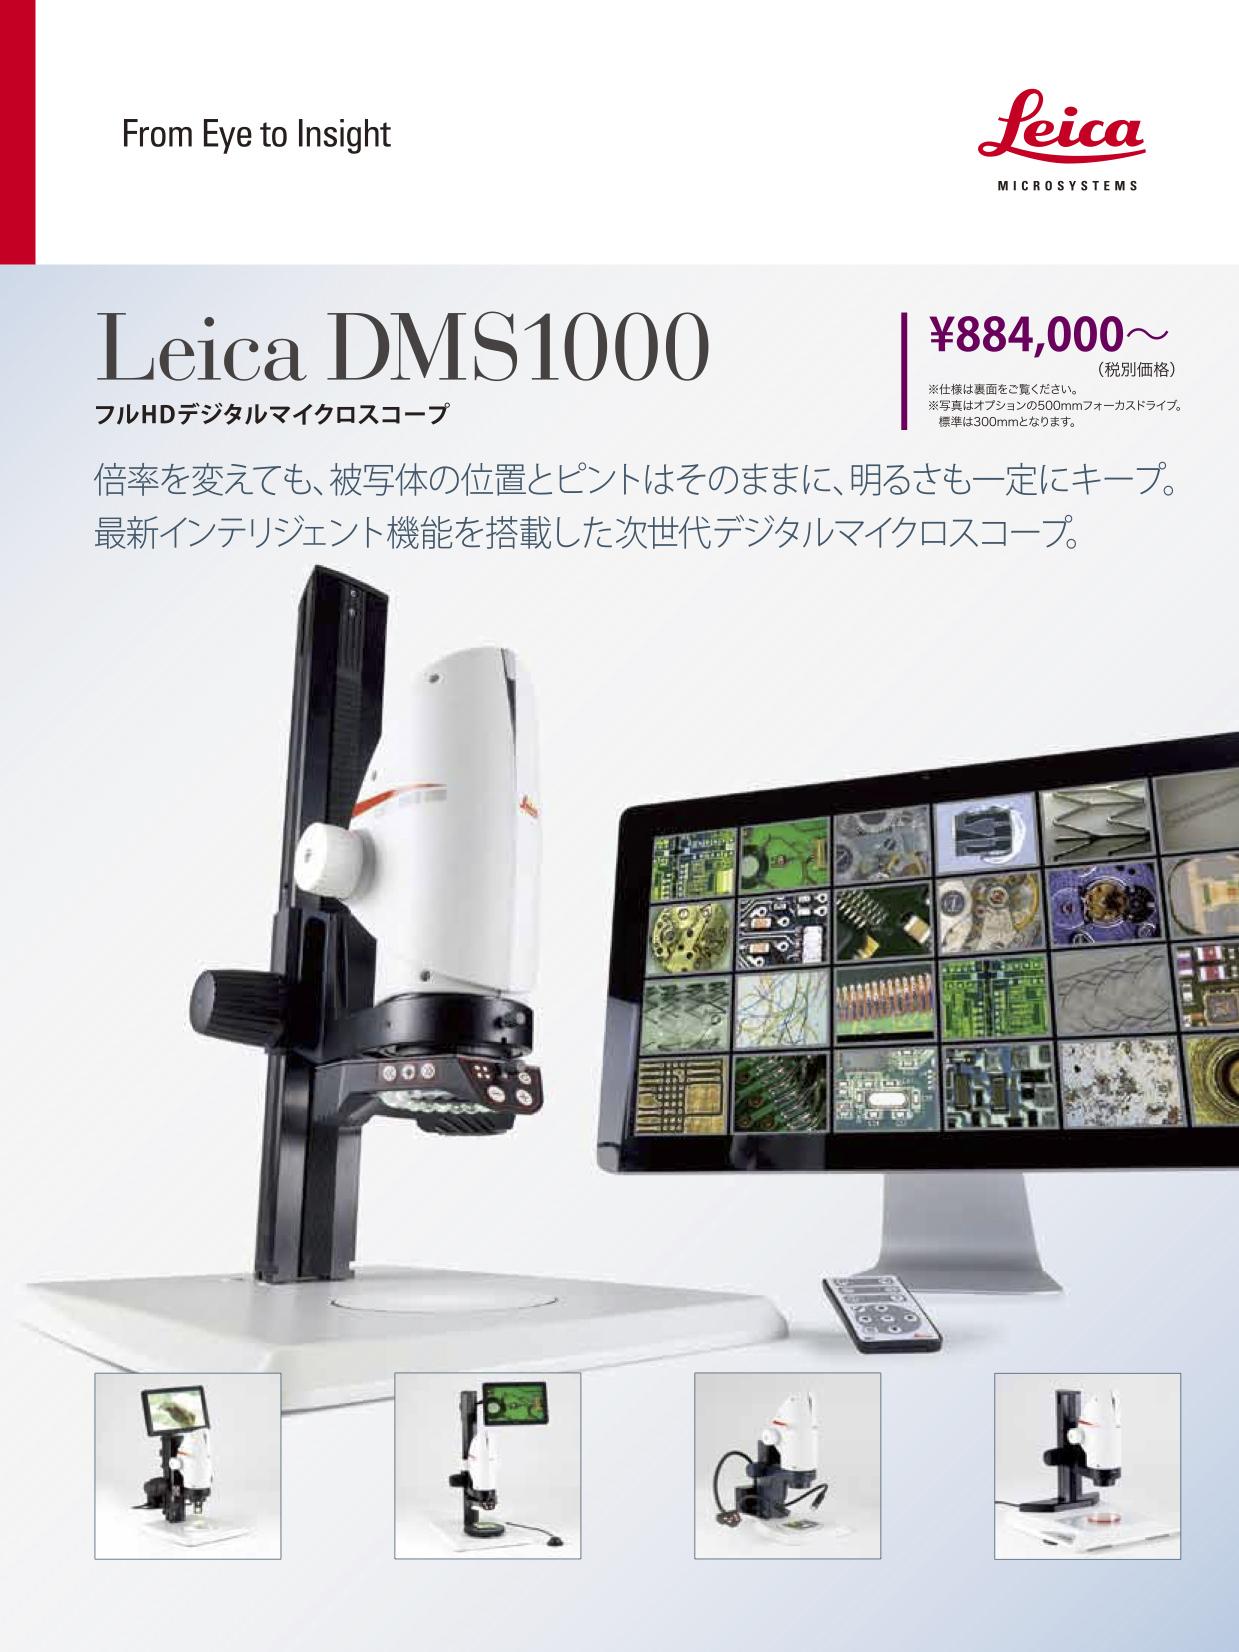 ダウンロード/デジタルマイクロスコープ Leica DMS1000 カタログ